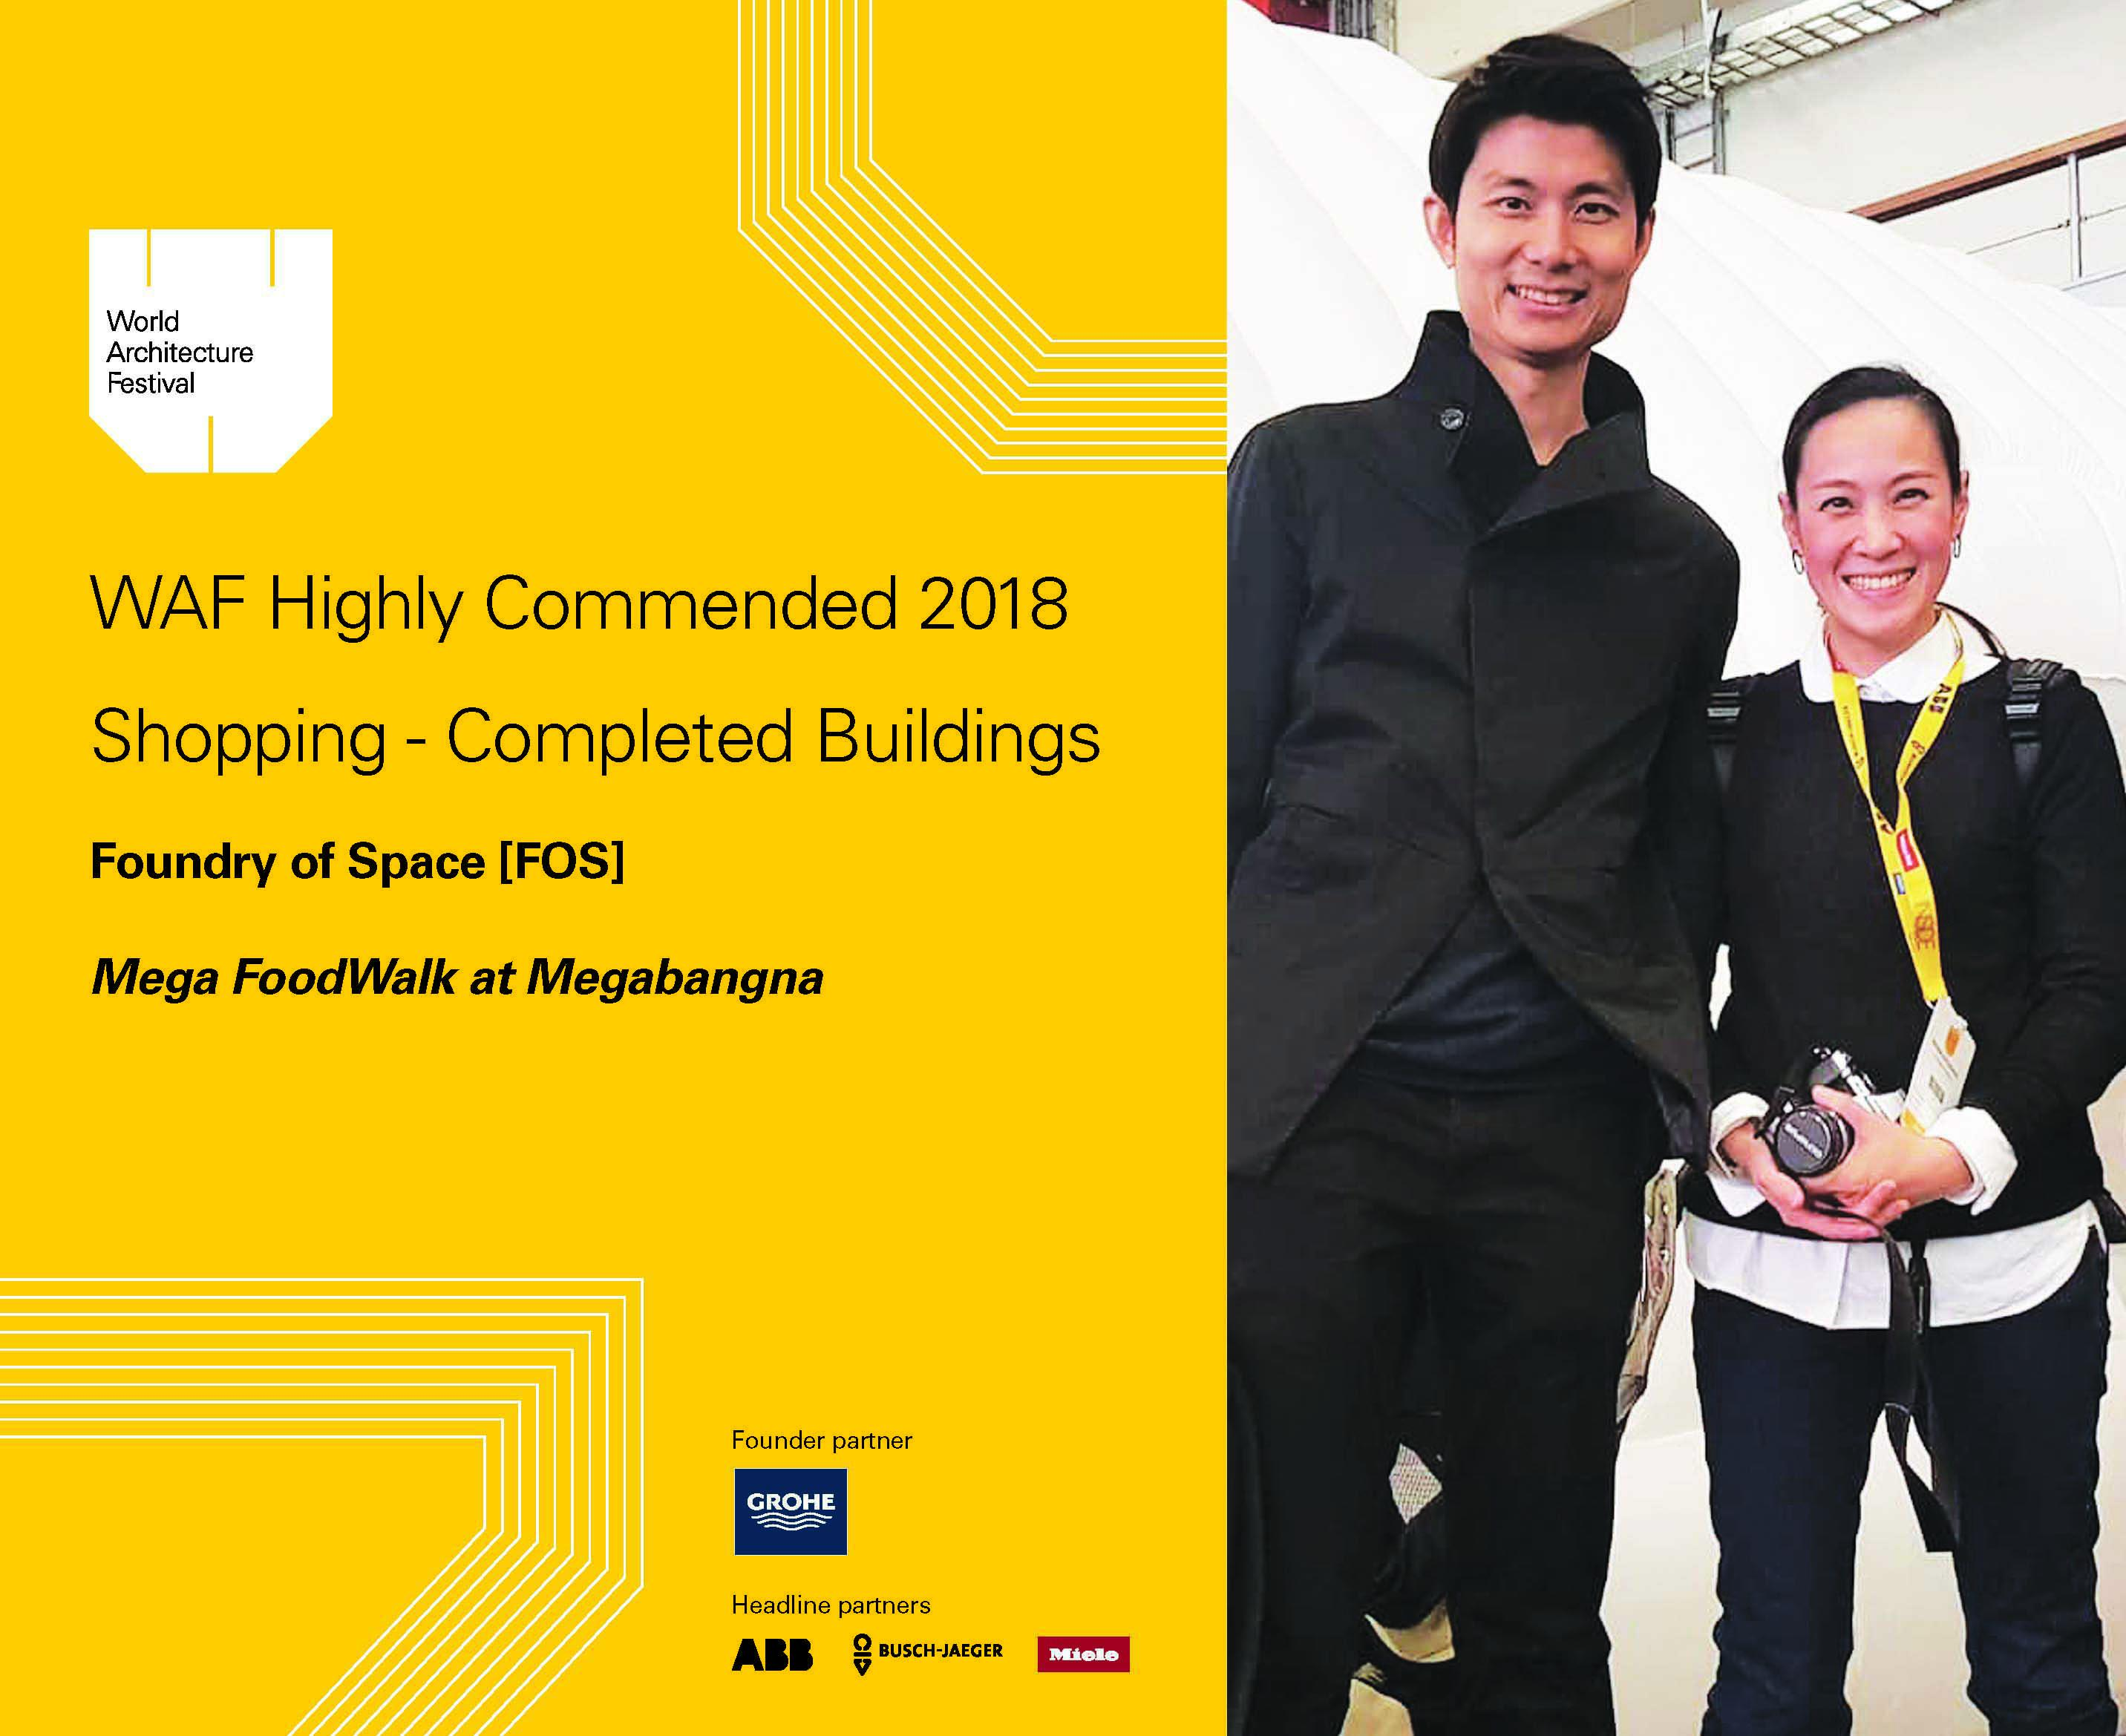 MEGA FOODWALK WINS 'highly commended' in WAF2018